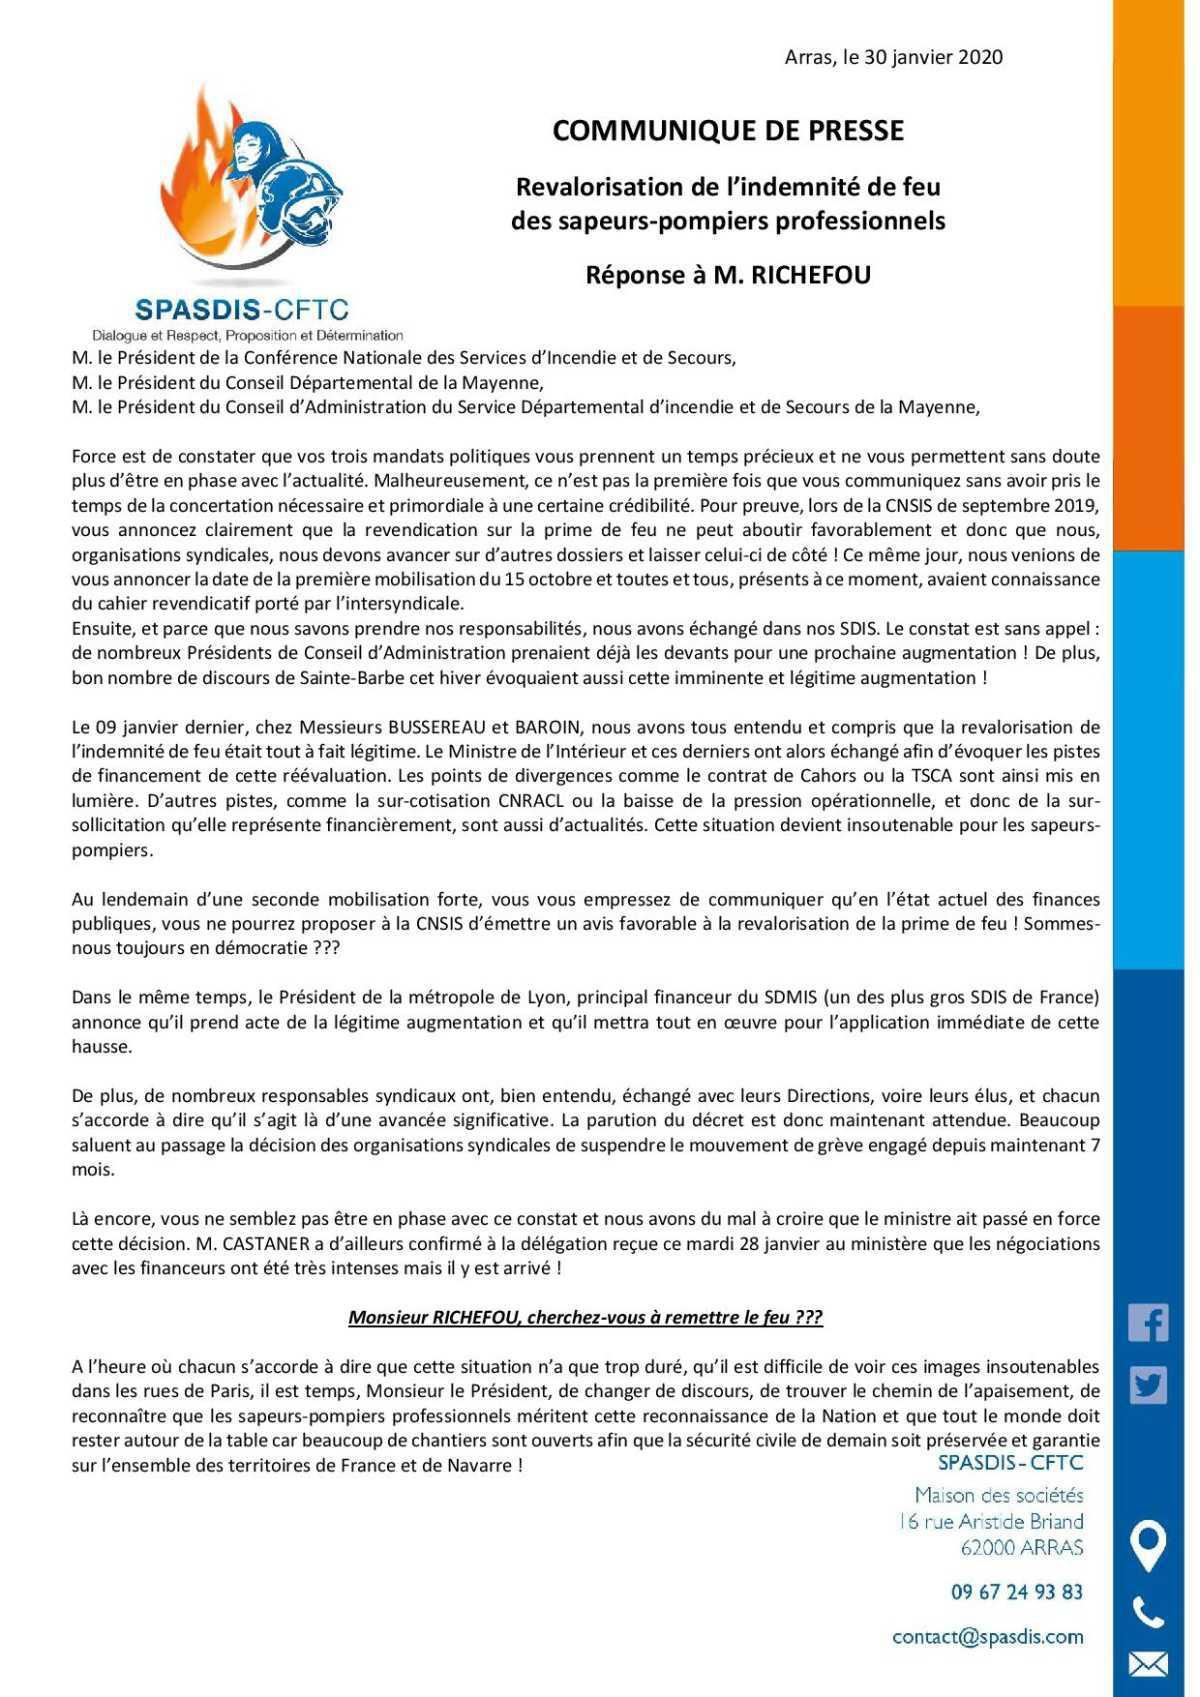 Revalorisation de l'indemnité de feu : communiqué de presse du SPASDIS